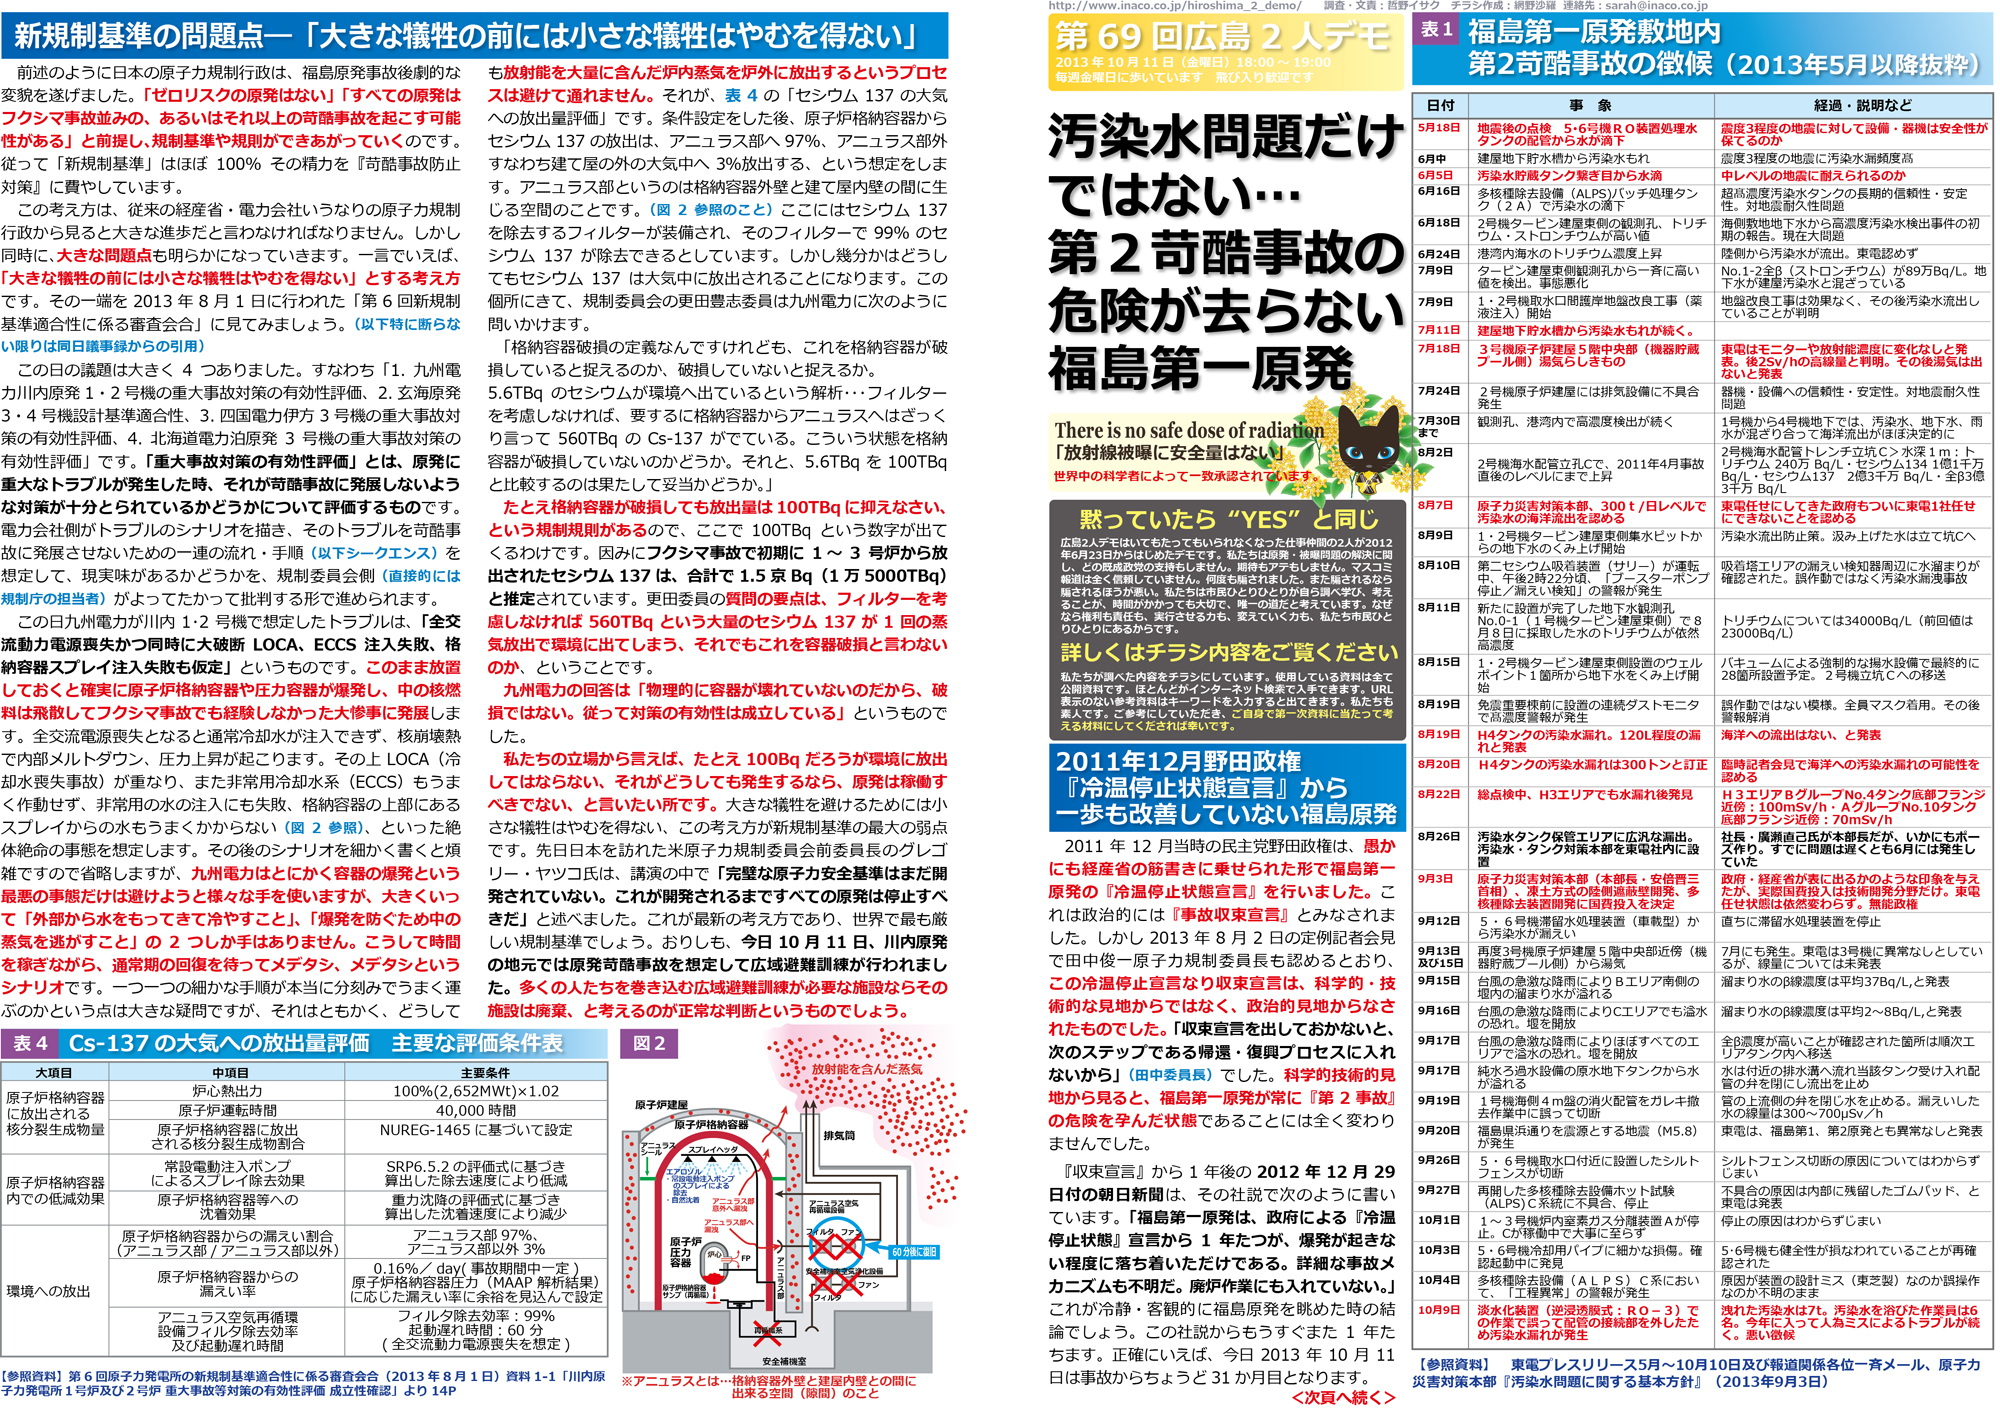 ファイル 207-1.jpg